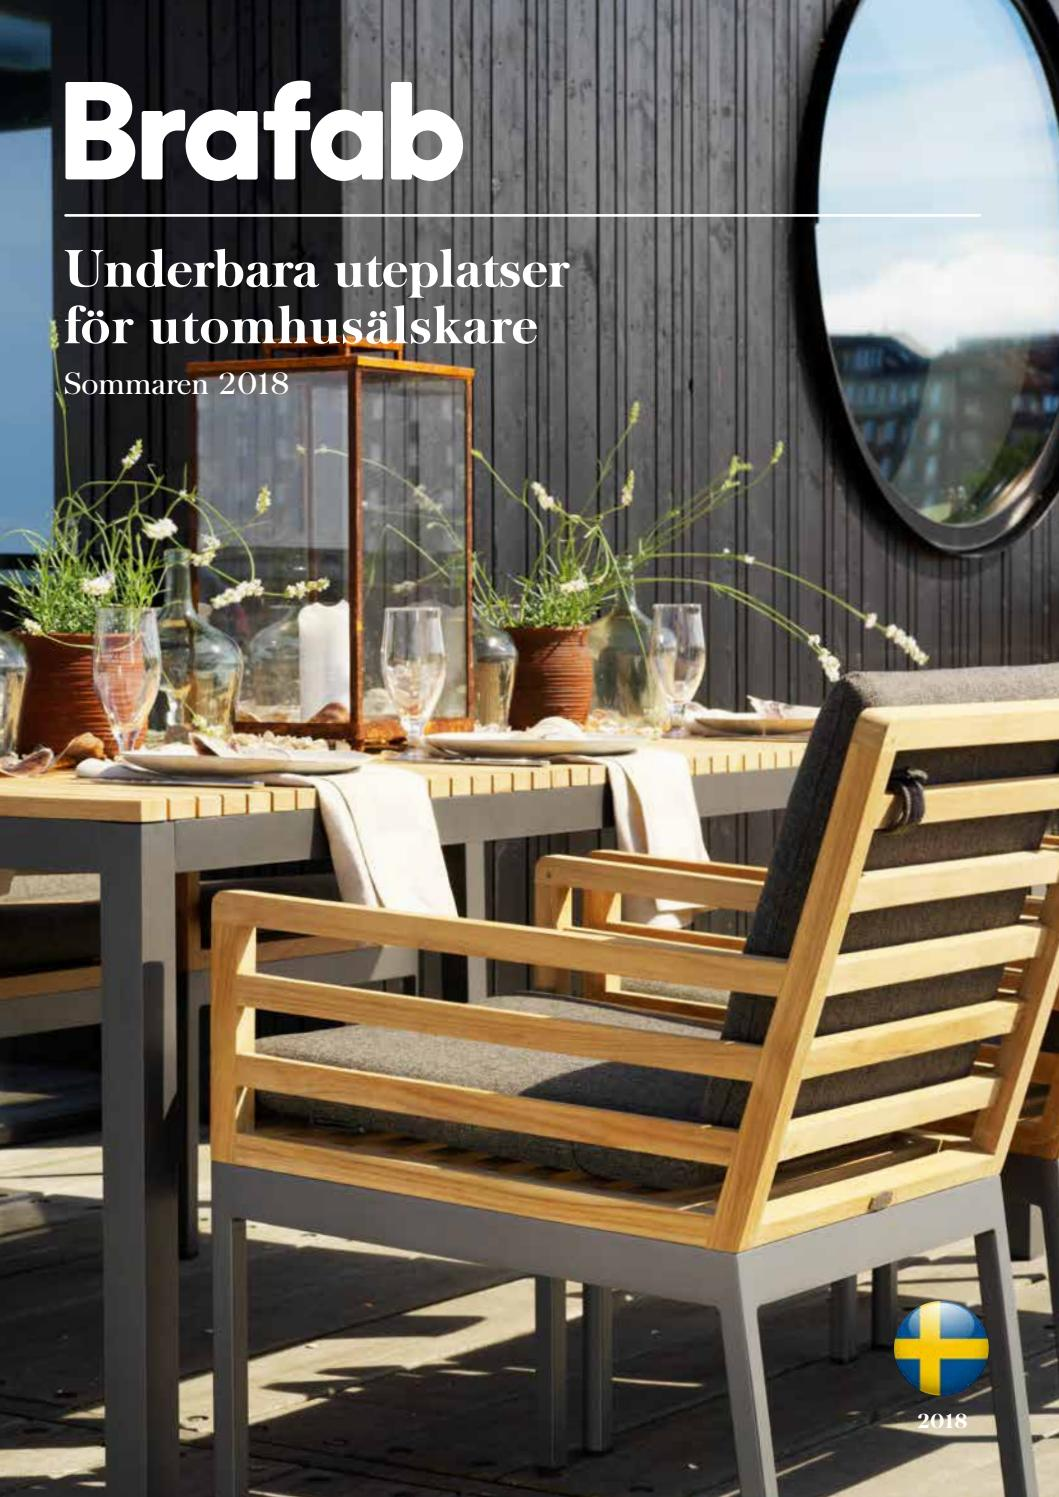 Brafabs katalog 2018 Sverige